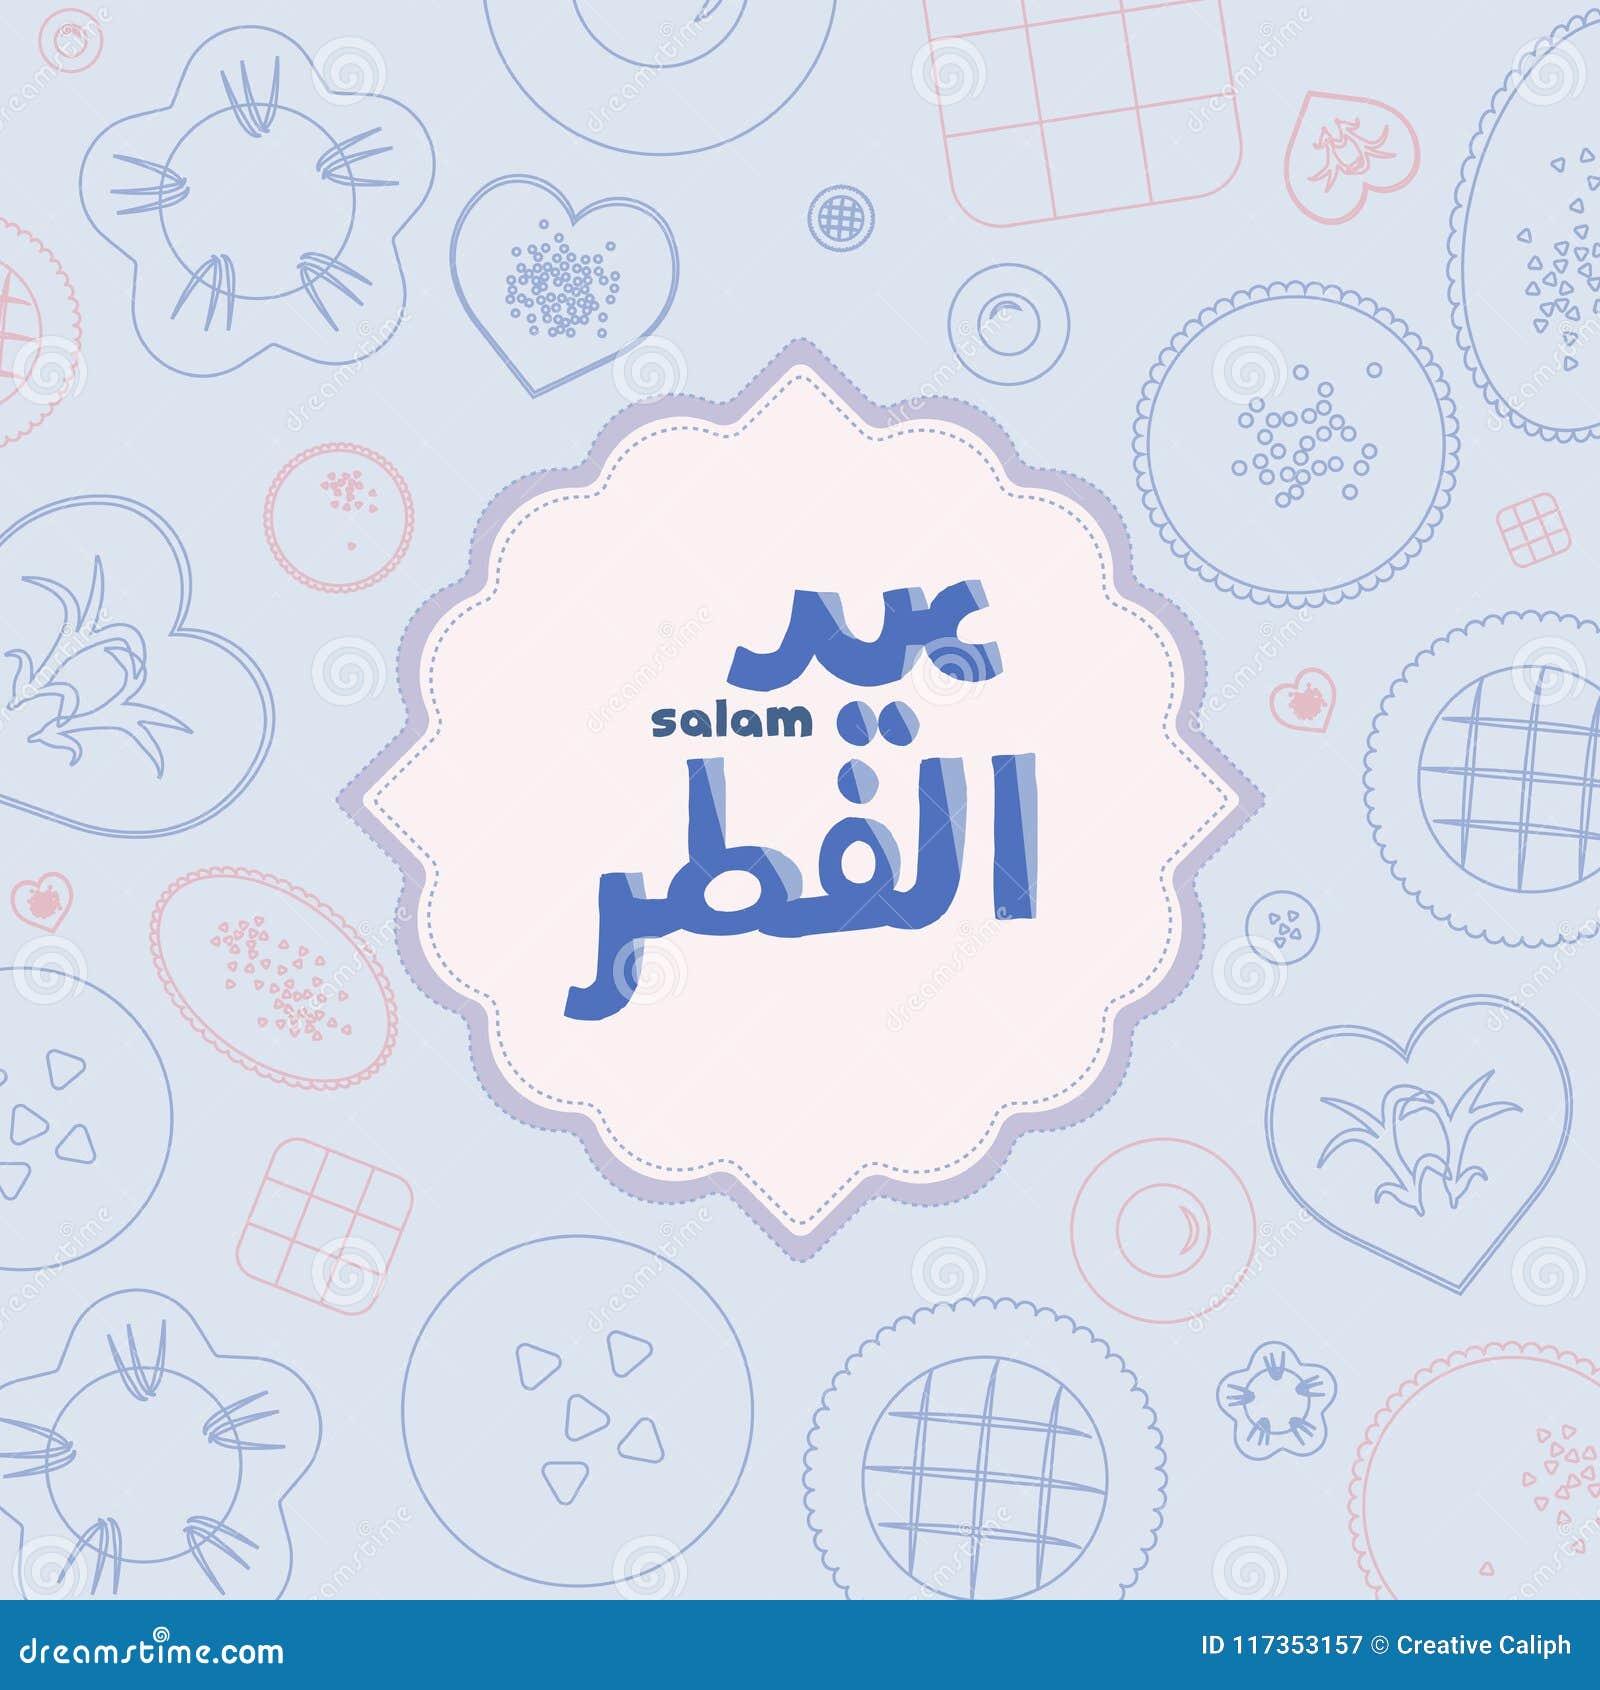 Illustration Of Salam Aidilfitri And Eid Mubarak Arabic Text